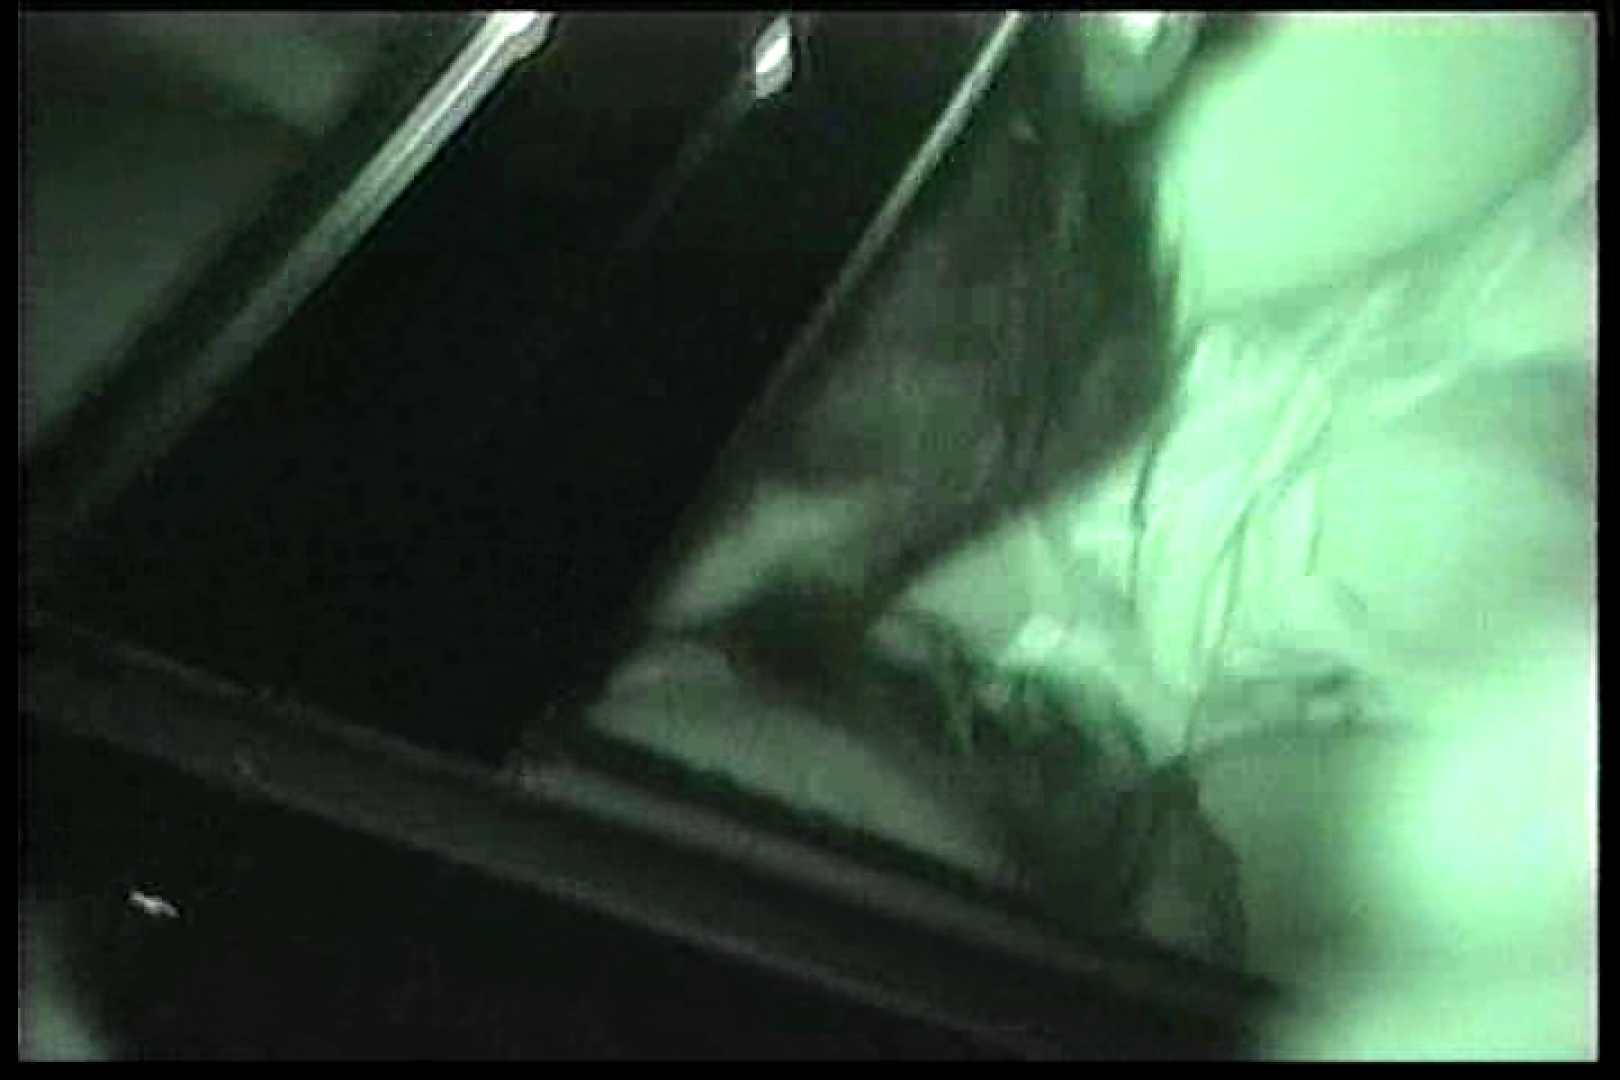 車の中はラブホテル 無修正版  Vol.11 カーセックス のぞき動画画像 86画像 77